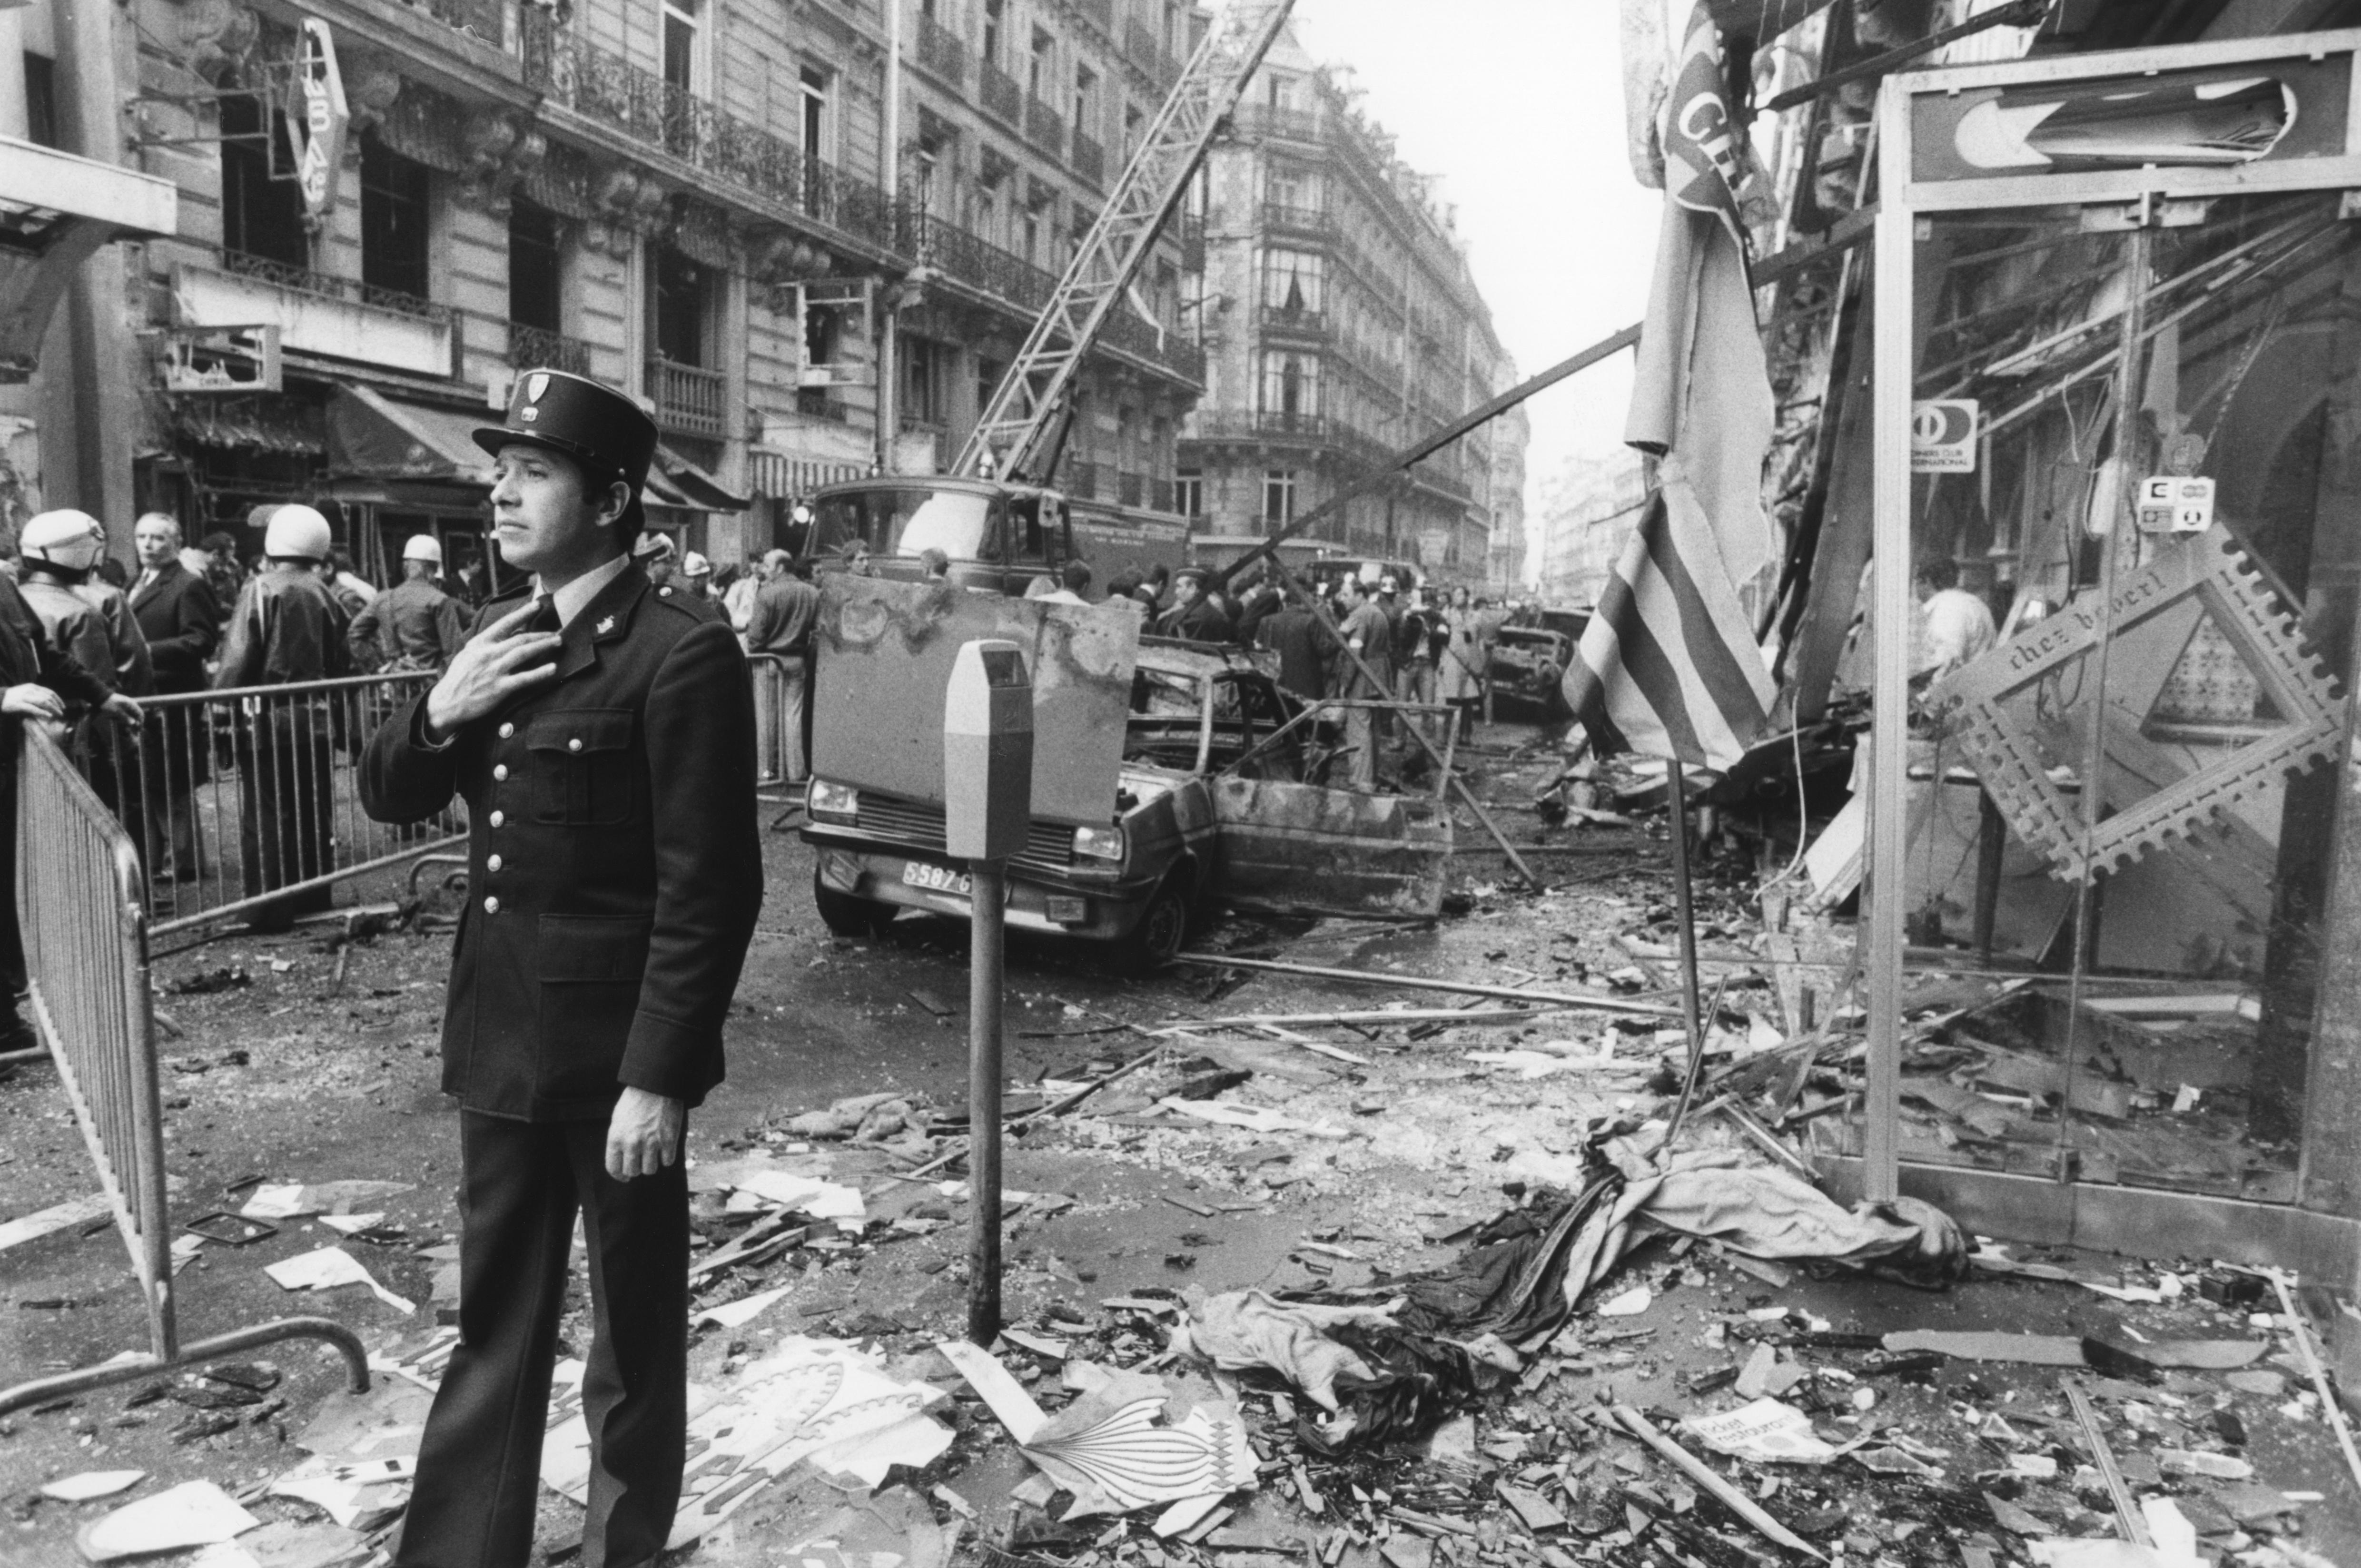 Последствия взрыва под редакцией еженедельника Al Watan al Arabi, 22 апреля 1982 года, Париж, Франция